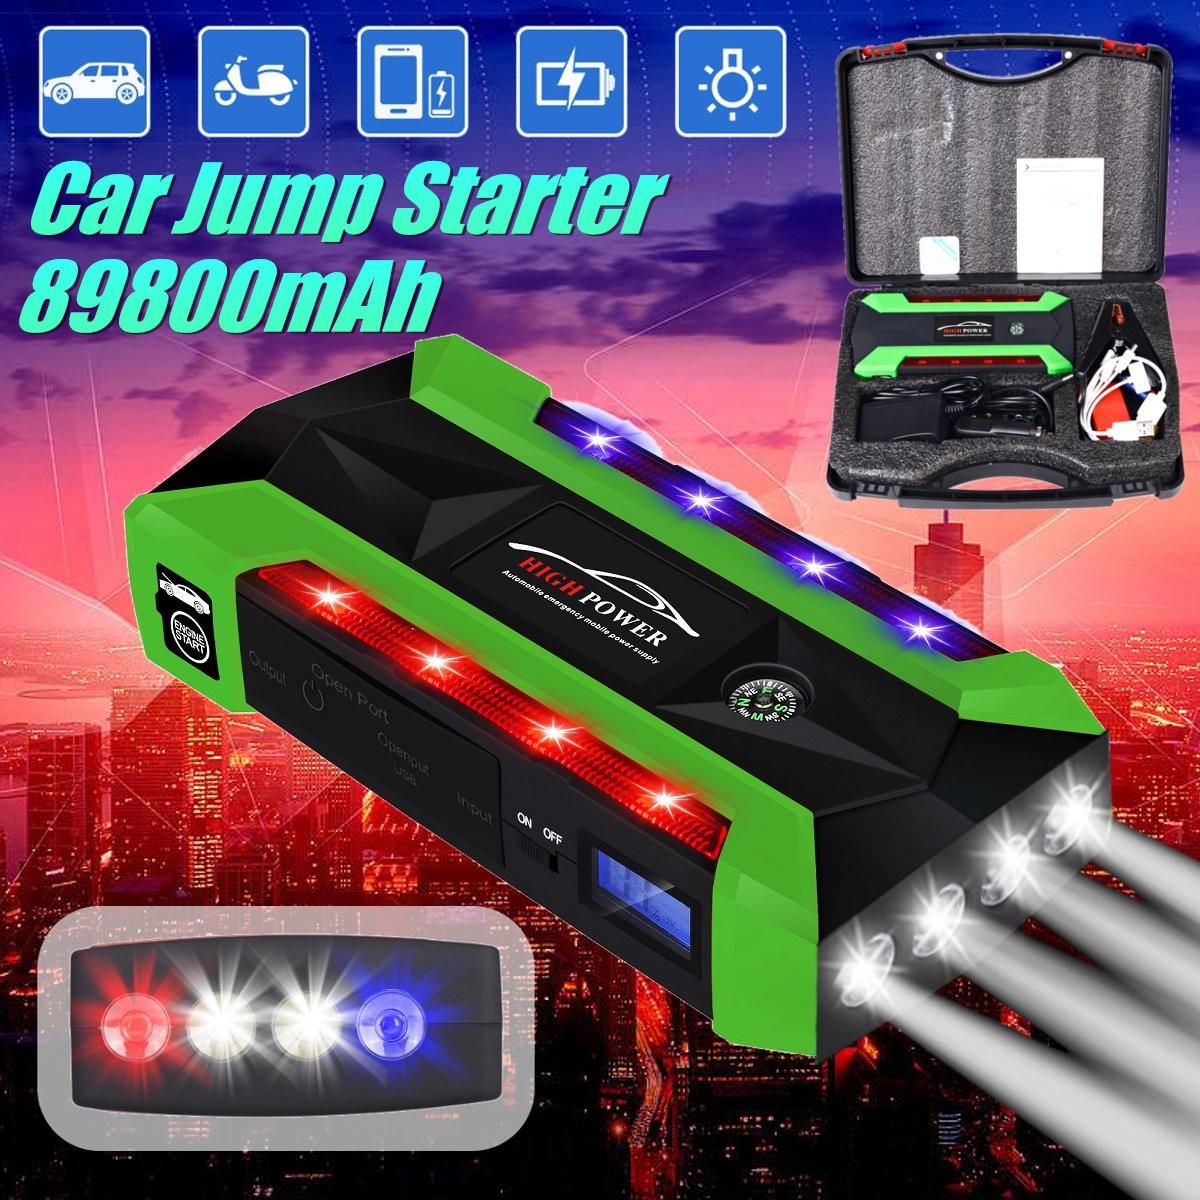 Мульти-функция портативный 89800 мАч аварийный аккумулятор зарядное устройство Автомобильный прыжок стартер 4 лампы USB power Bank пусковое устрой...